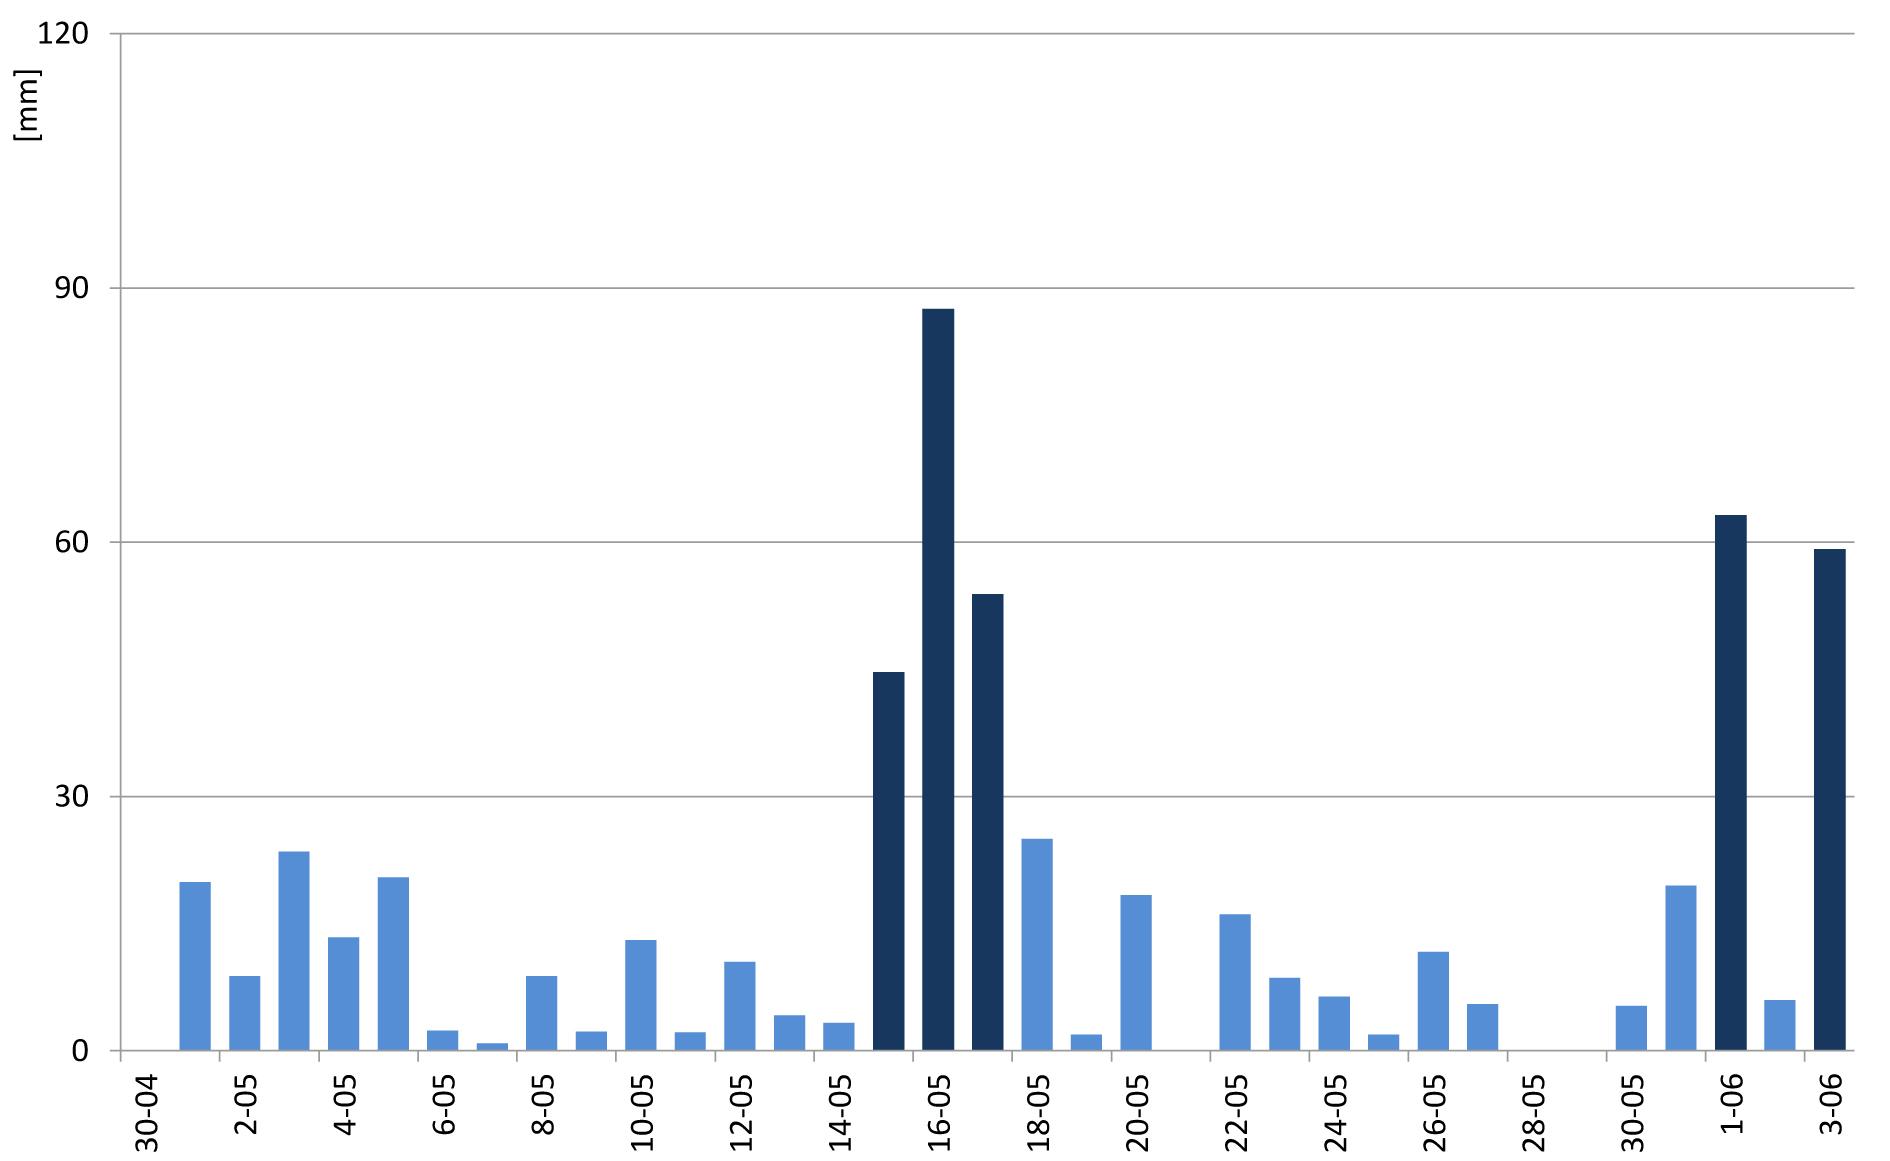 Przebieg opadów na stacji Straconka od kwietnia do czerwca 2010 roku